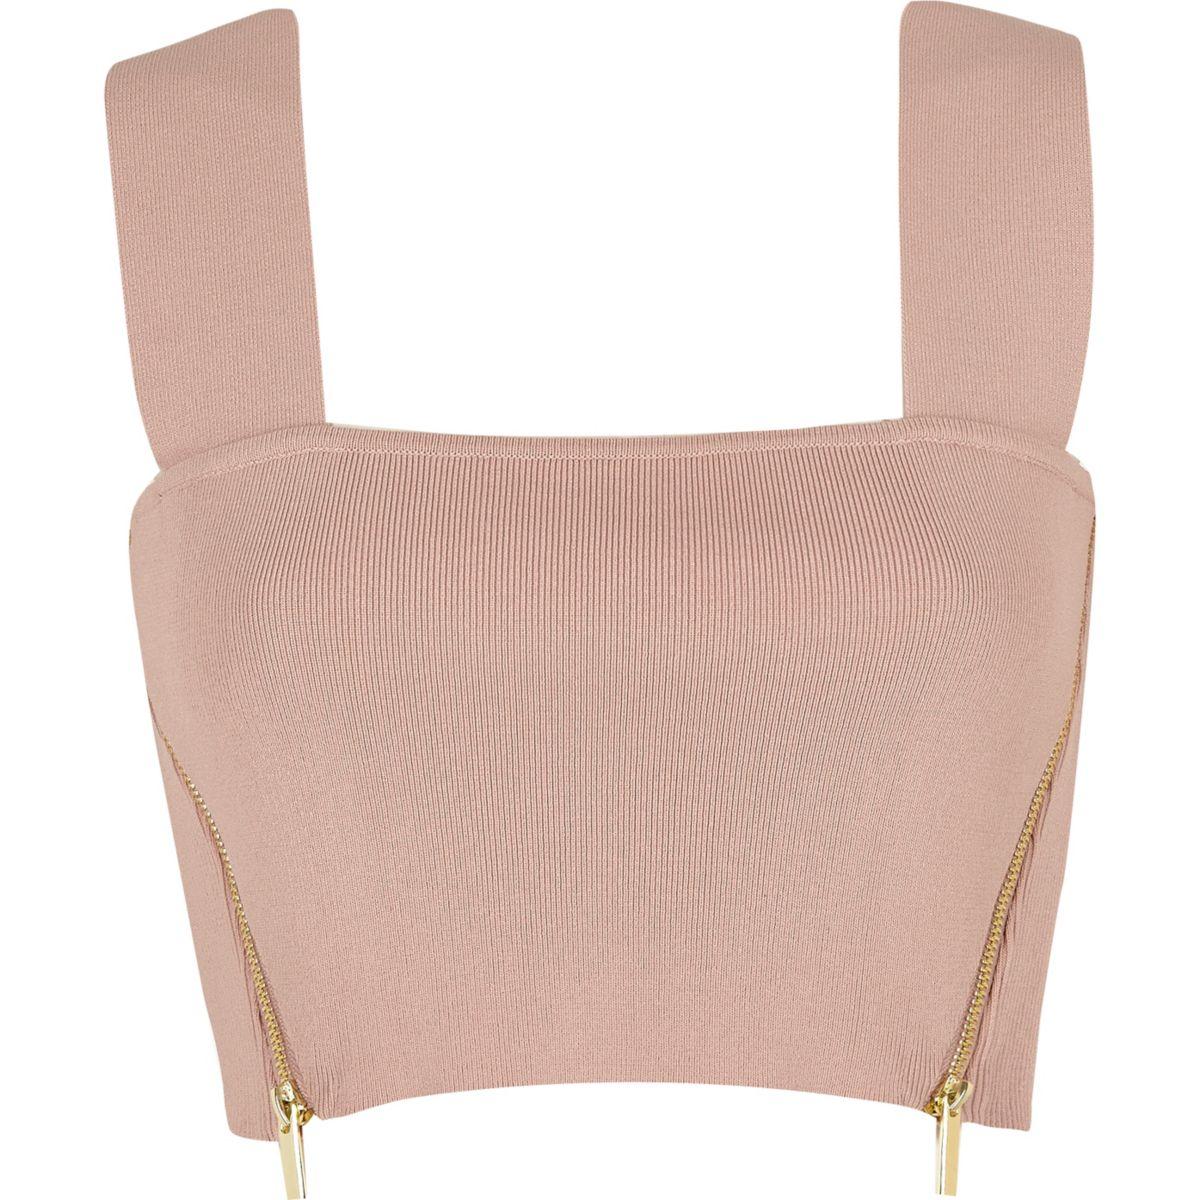 Light pink side zip crop top